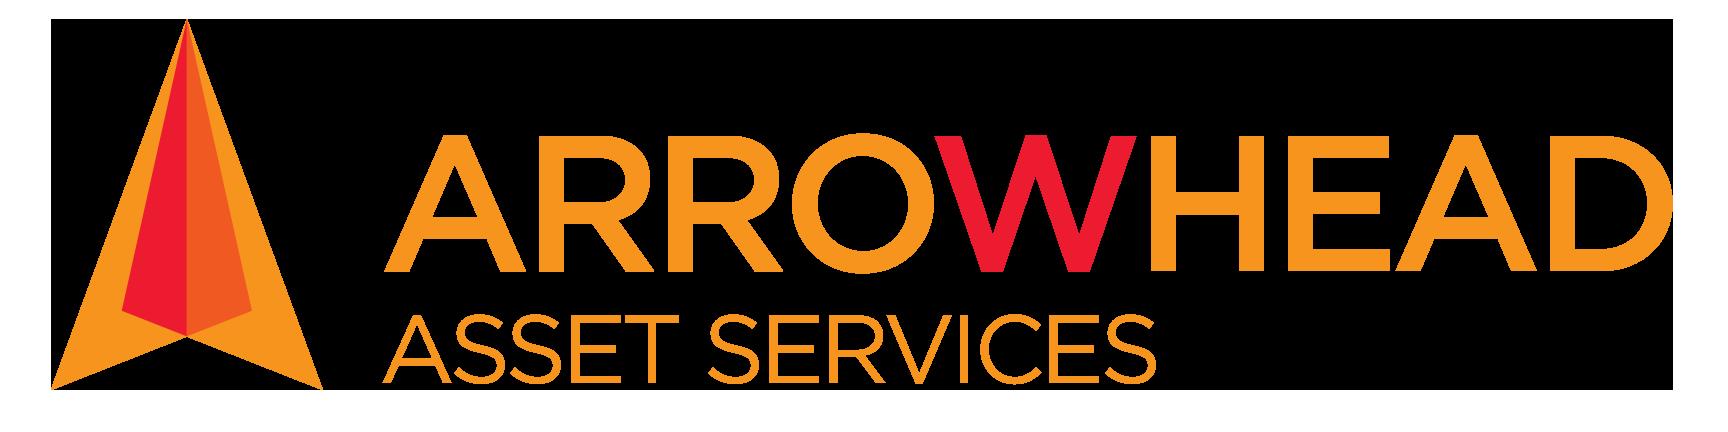 arrowhead horizontal logo